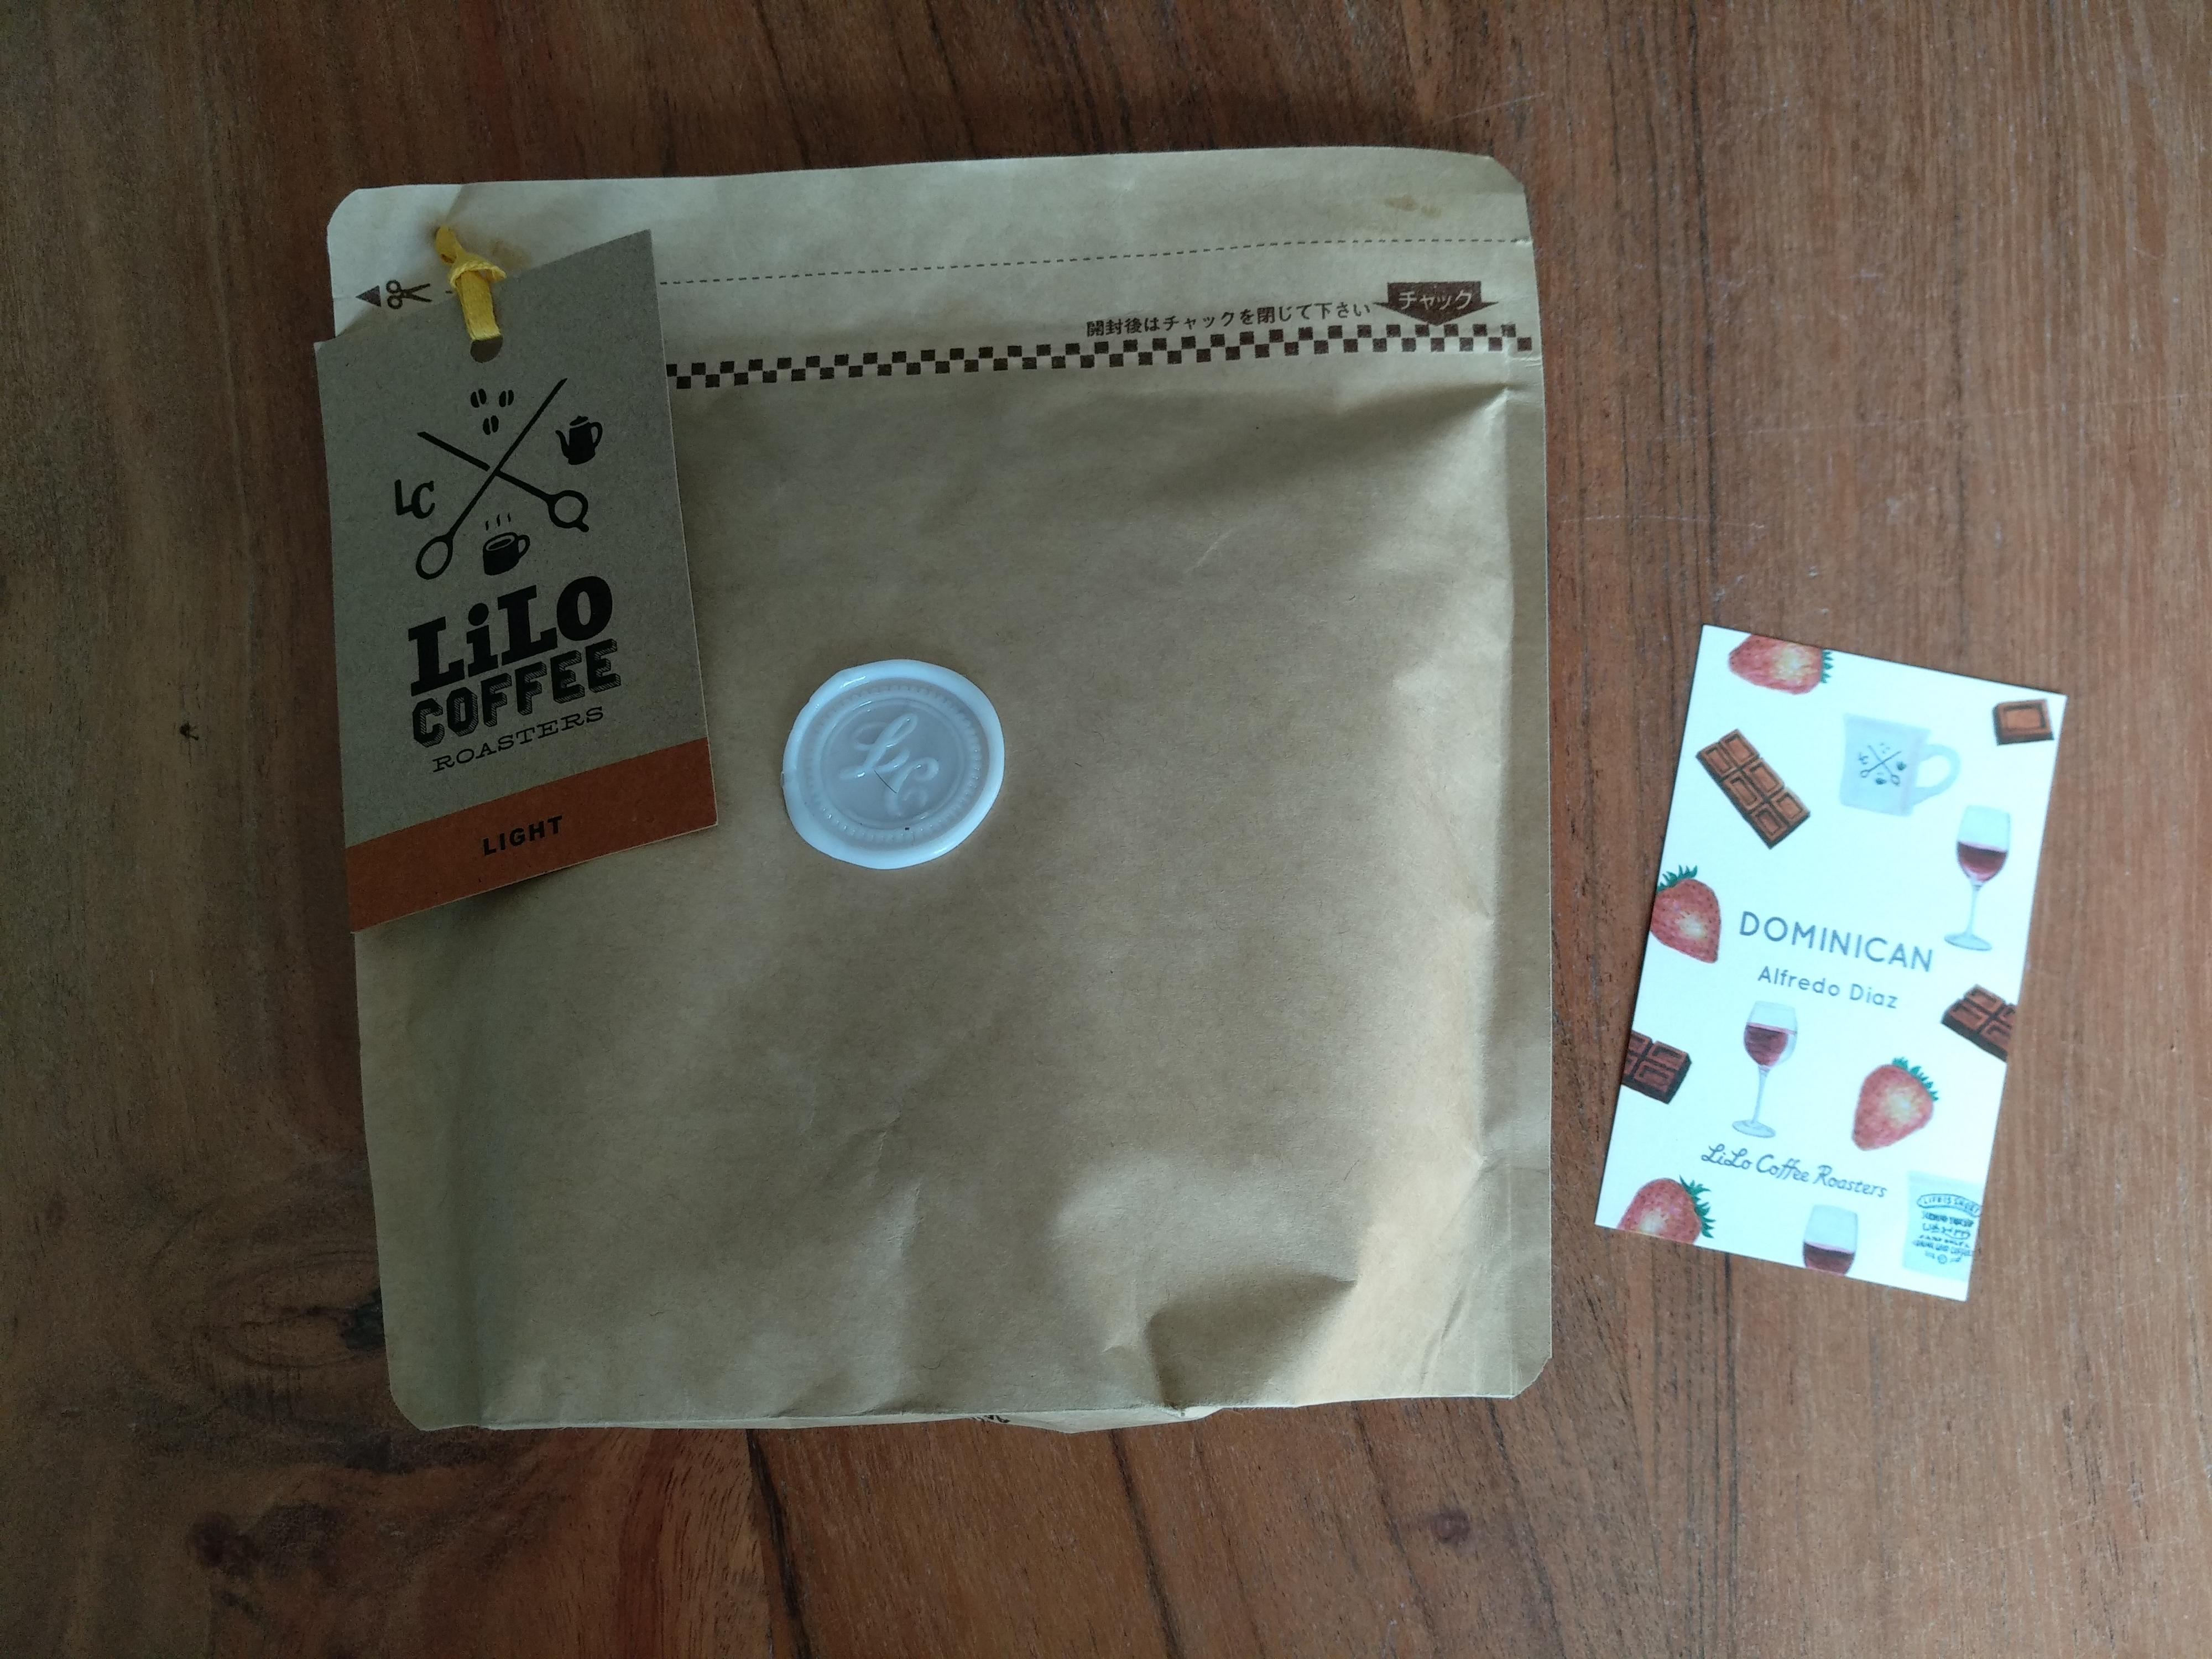 Lilo coffee Roasters Alfredo Diaz logo